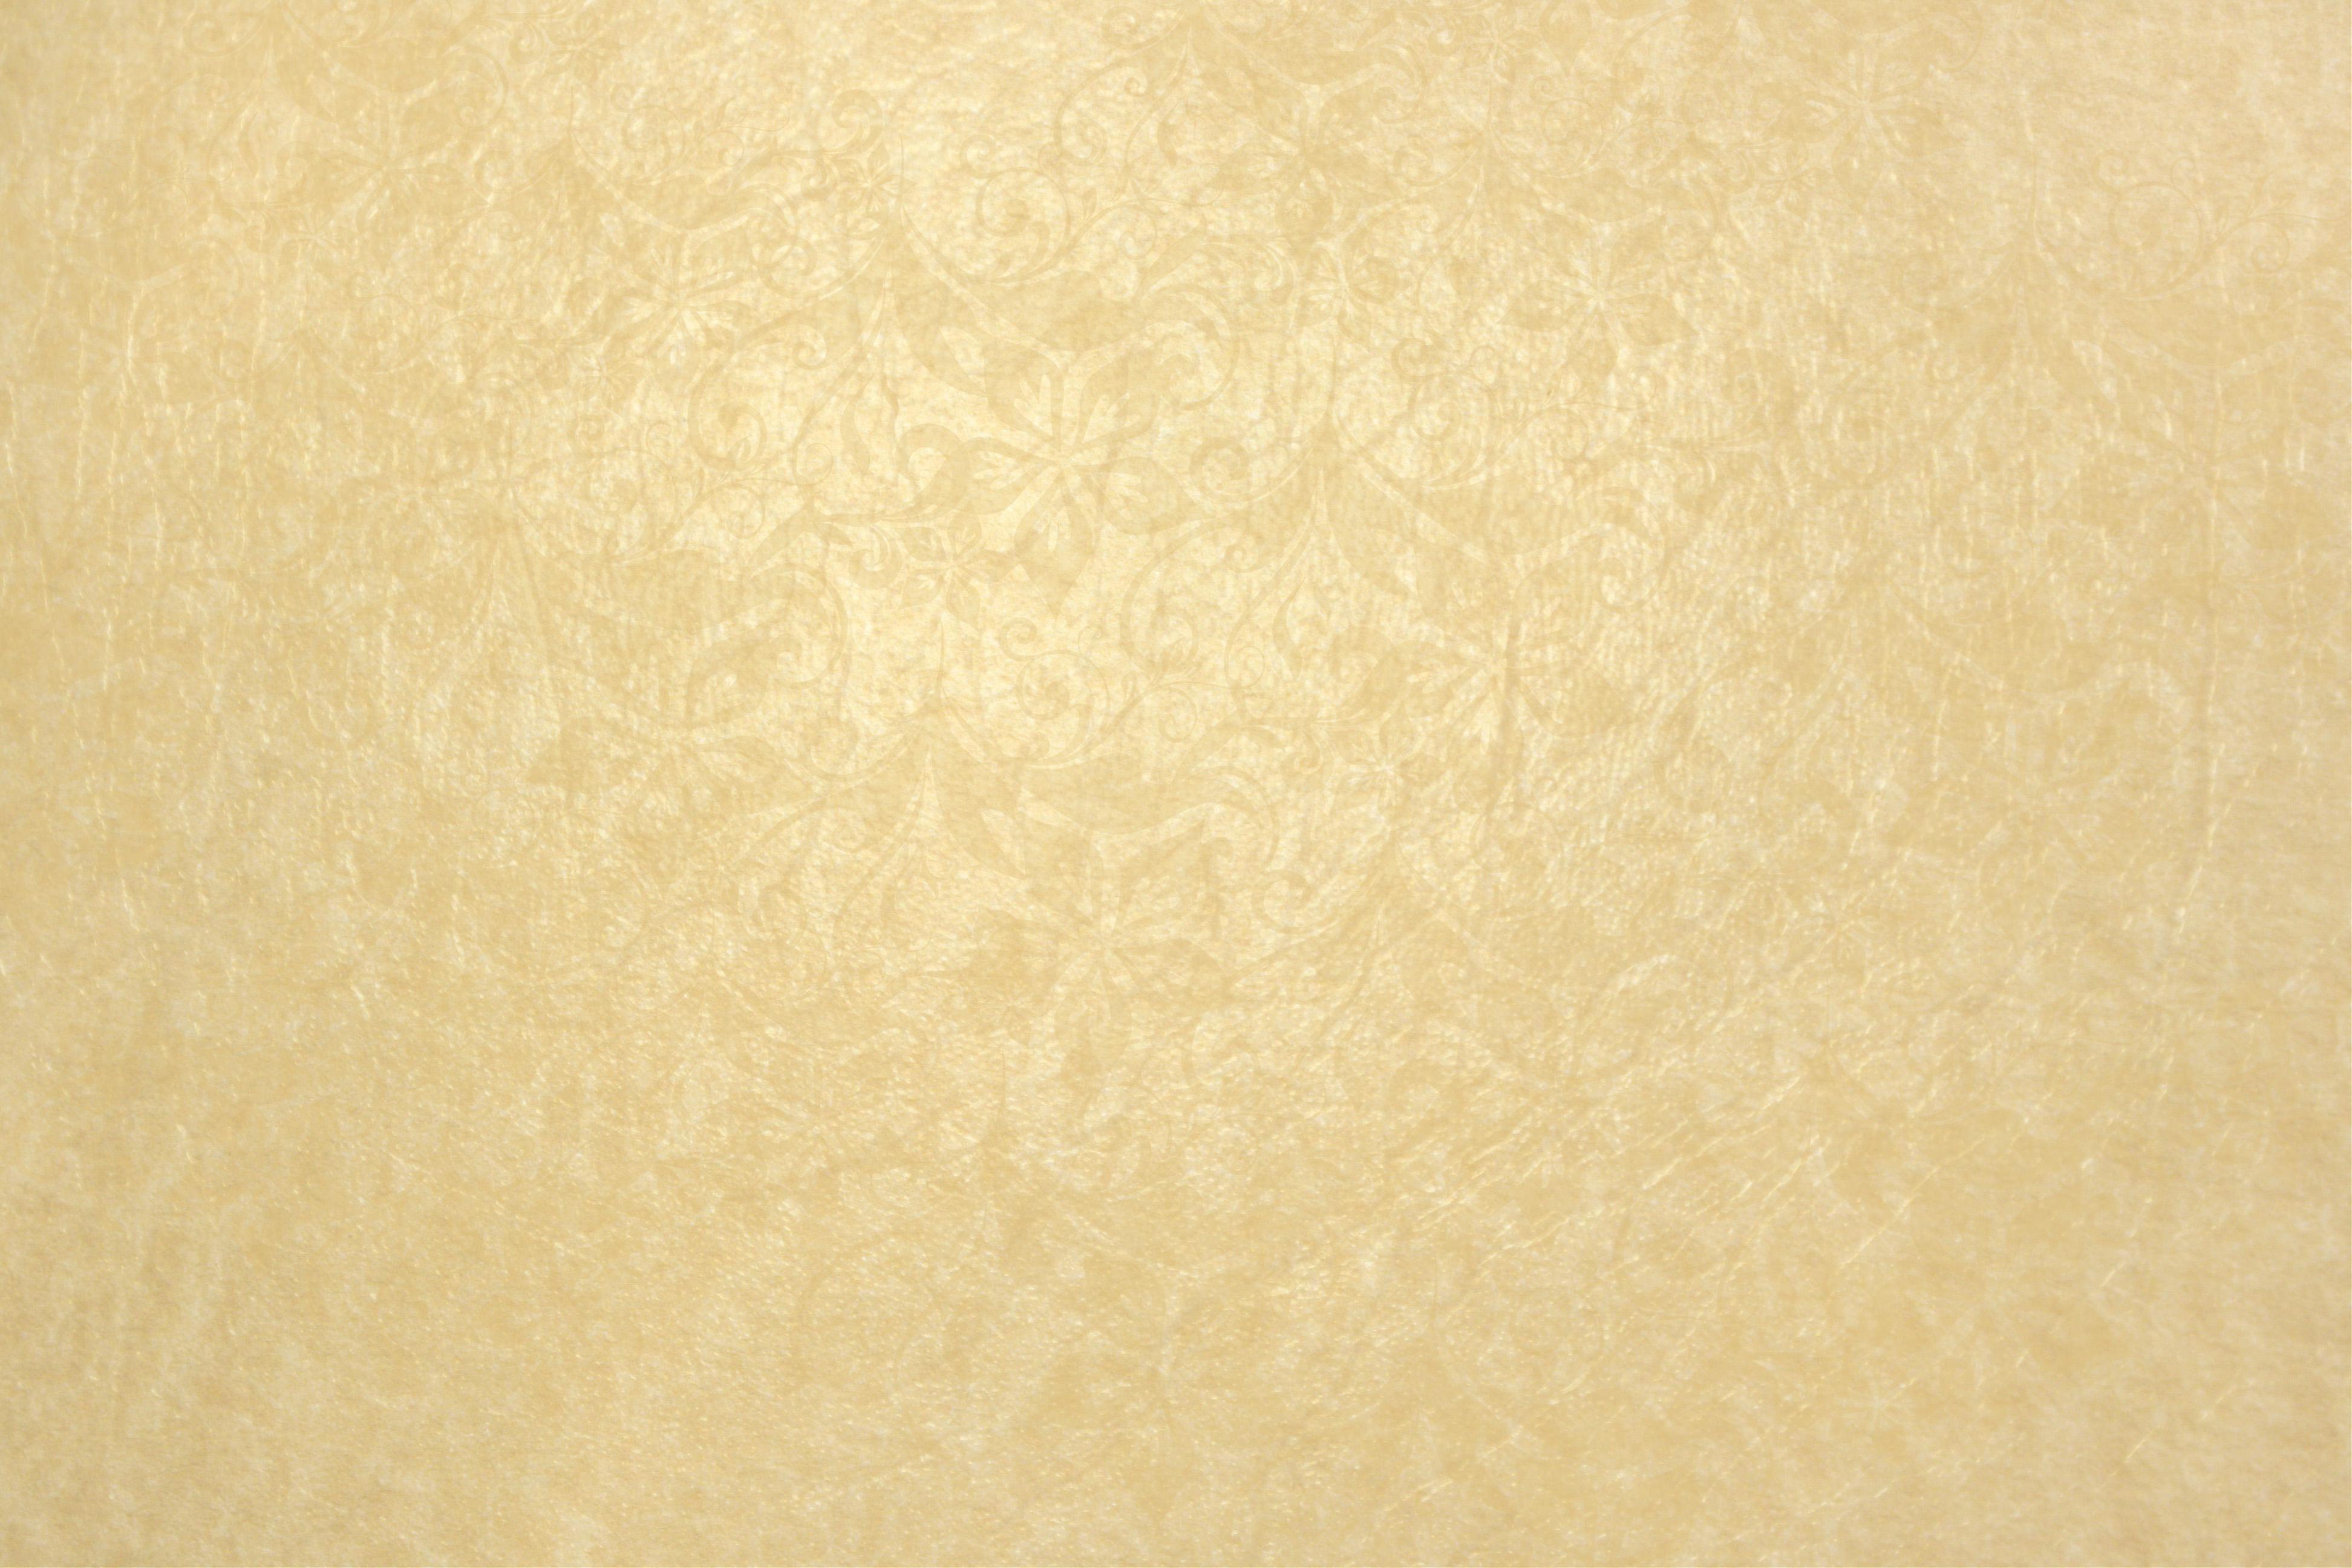 Cream Colored Wallpaper 3888x2592